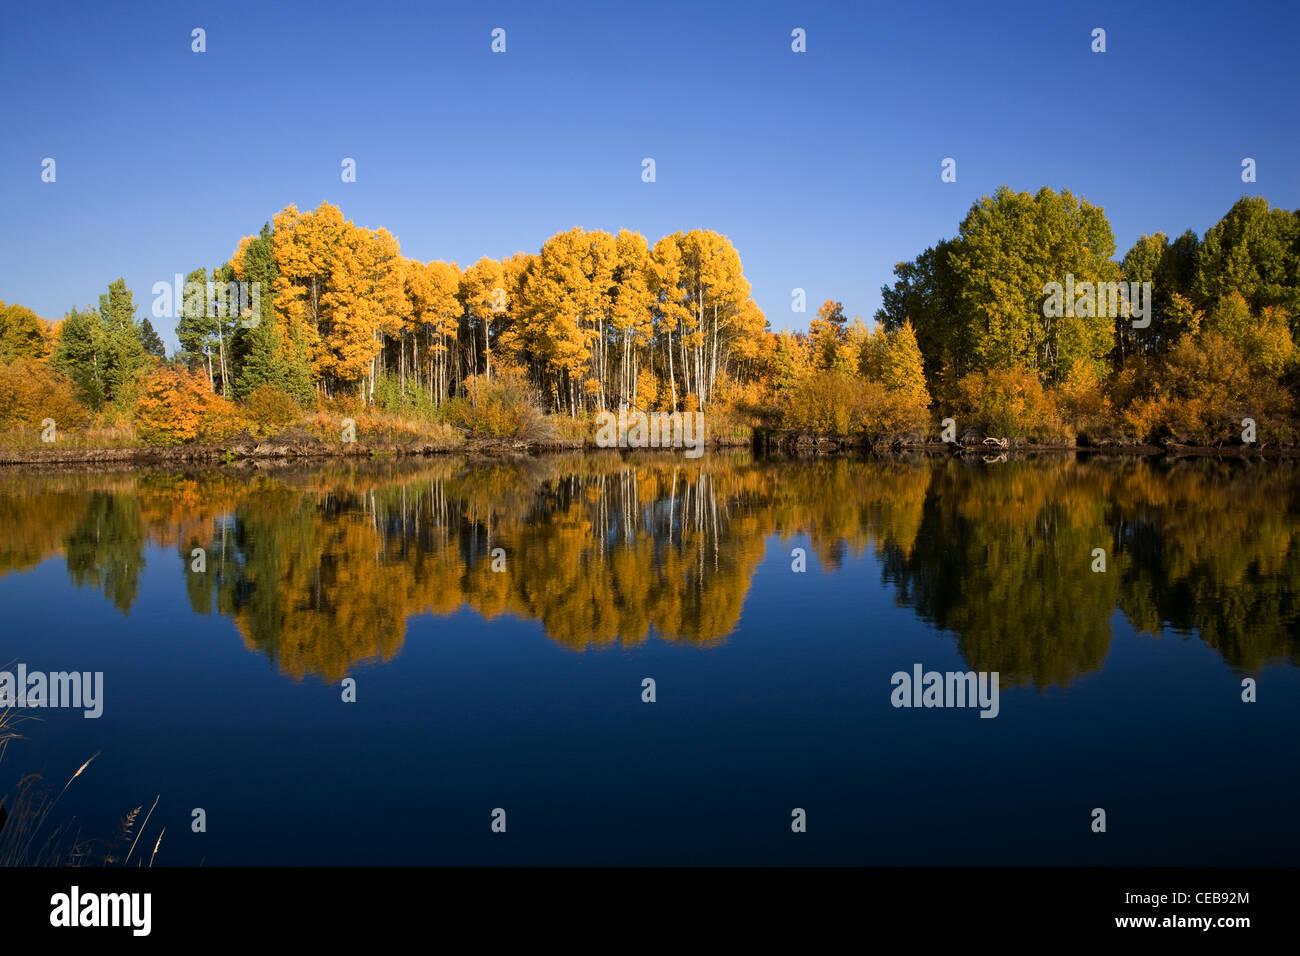 Aspens along the Deschutes River - Stock Image